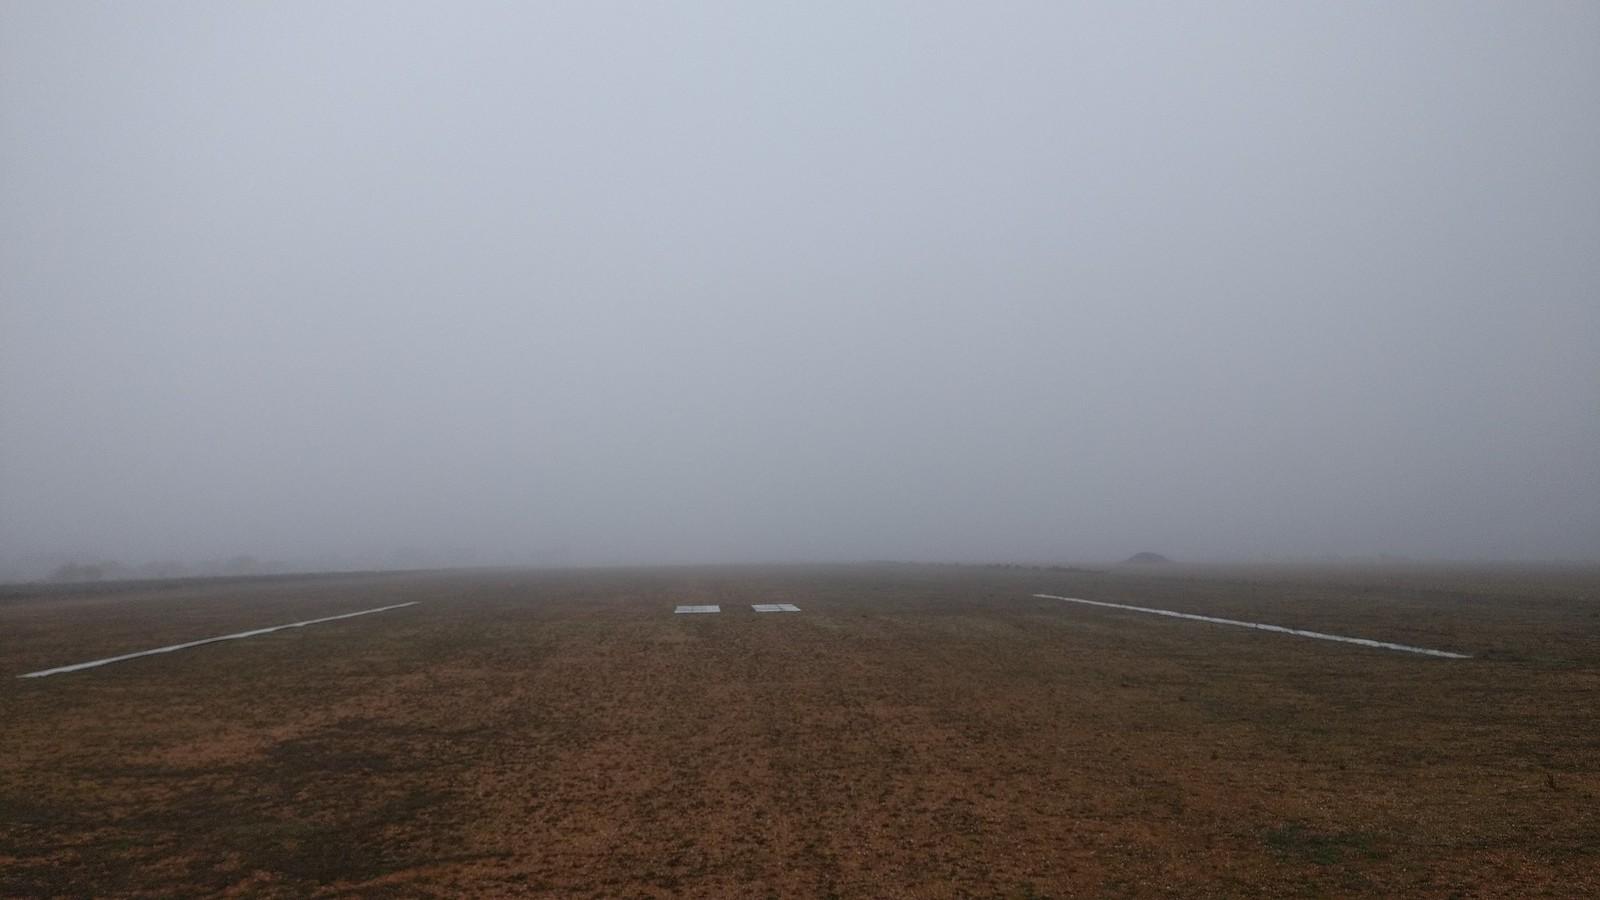 Aerodromo pistas niebla dic17 (5)